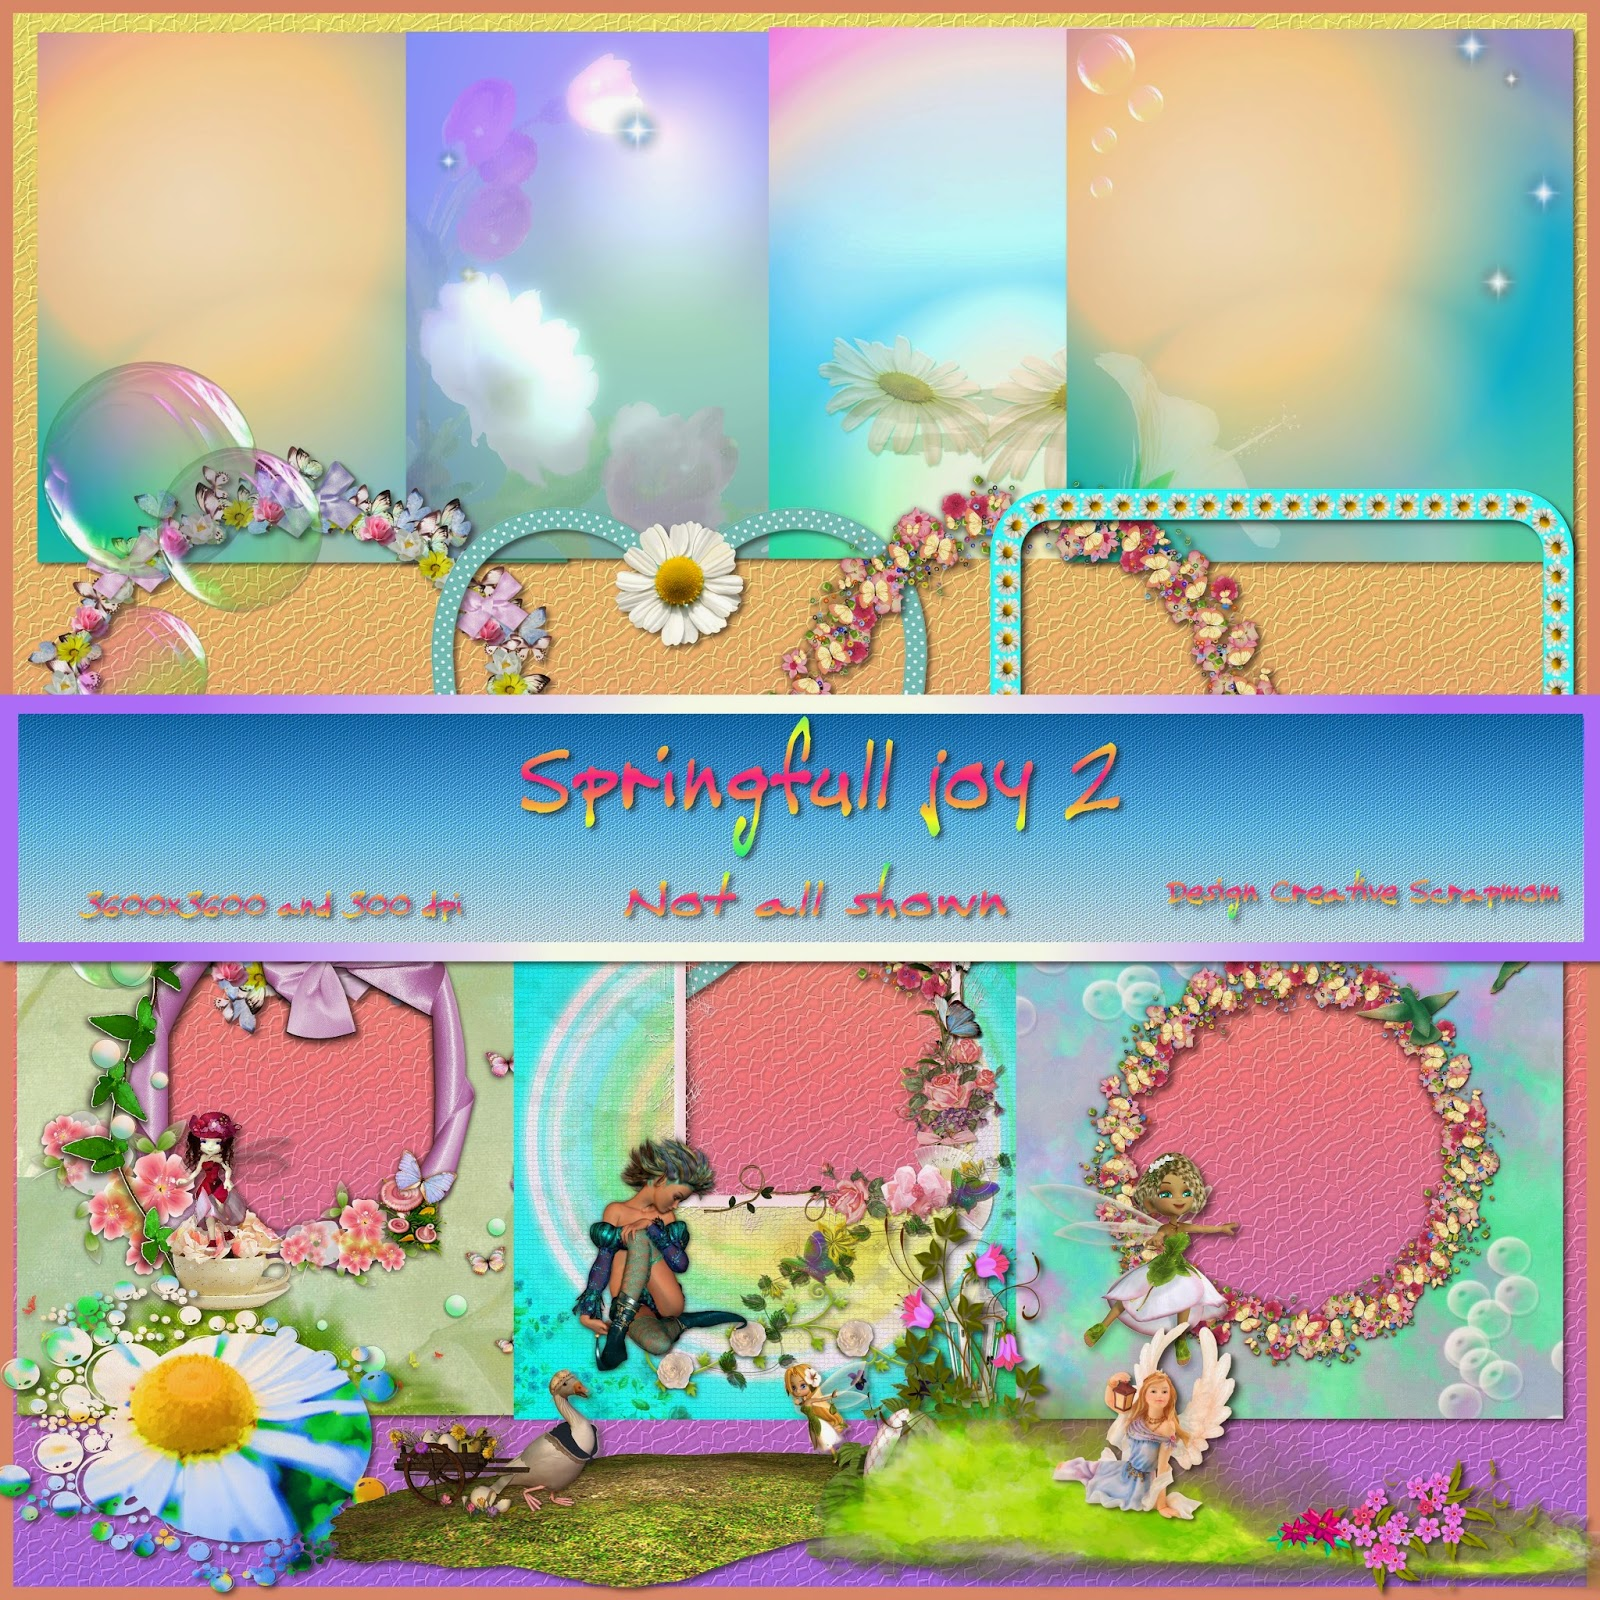 http://1.bp.blogspot.com/-PDSwFX9bIr8/Uzk8SgCBV1I/AAAAAAAAEKs/KKivs298dhk/s1600/preview.jpg